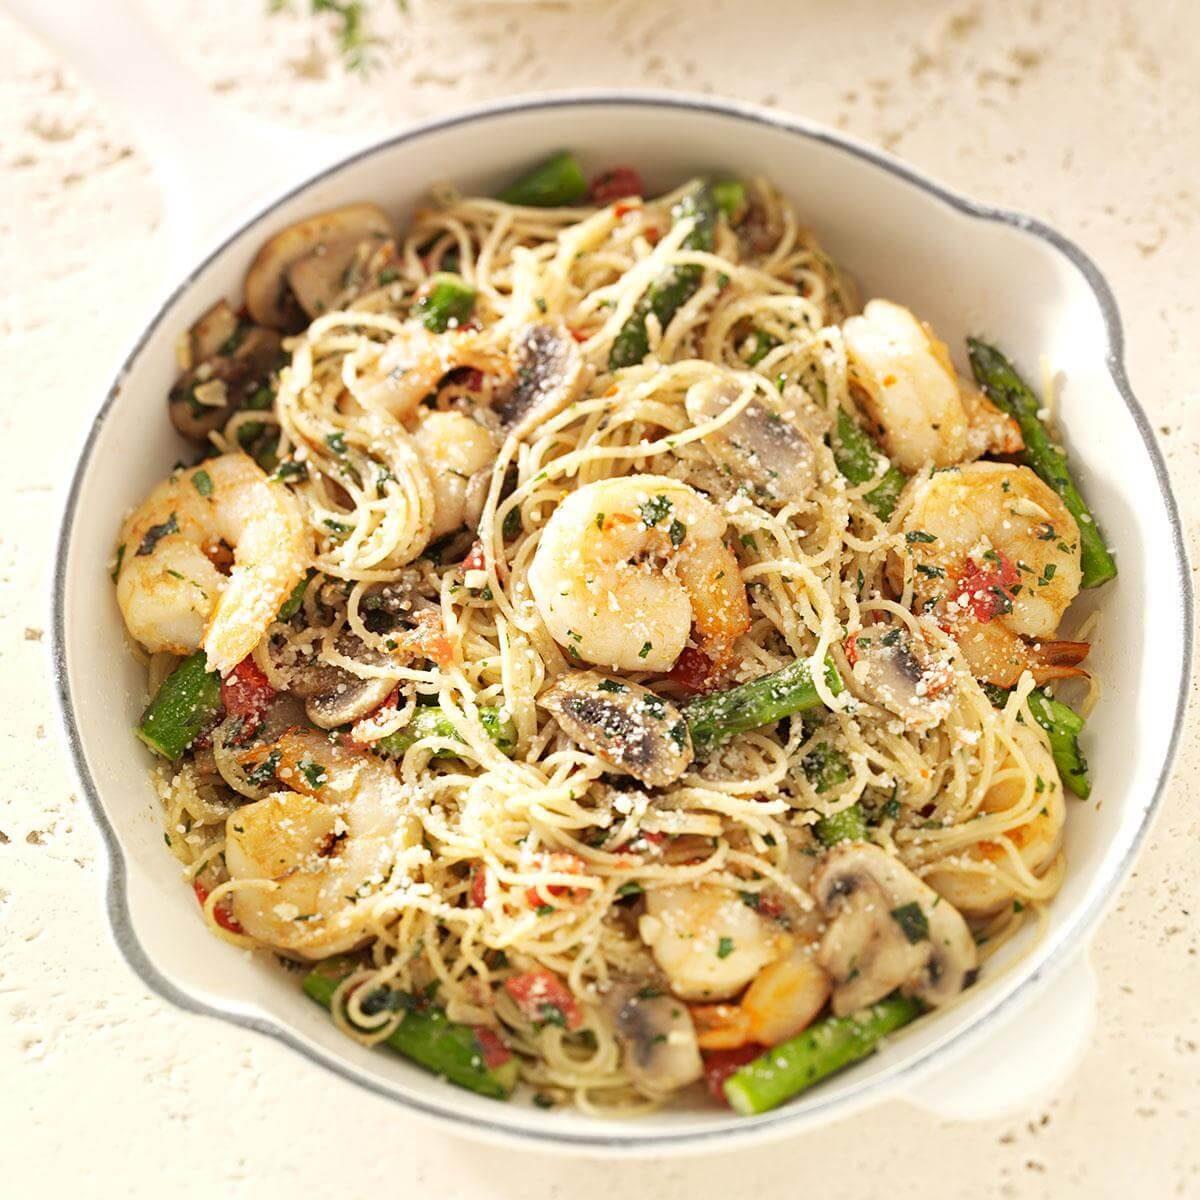 How To Make A Pasta With Shrimp